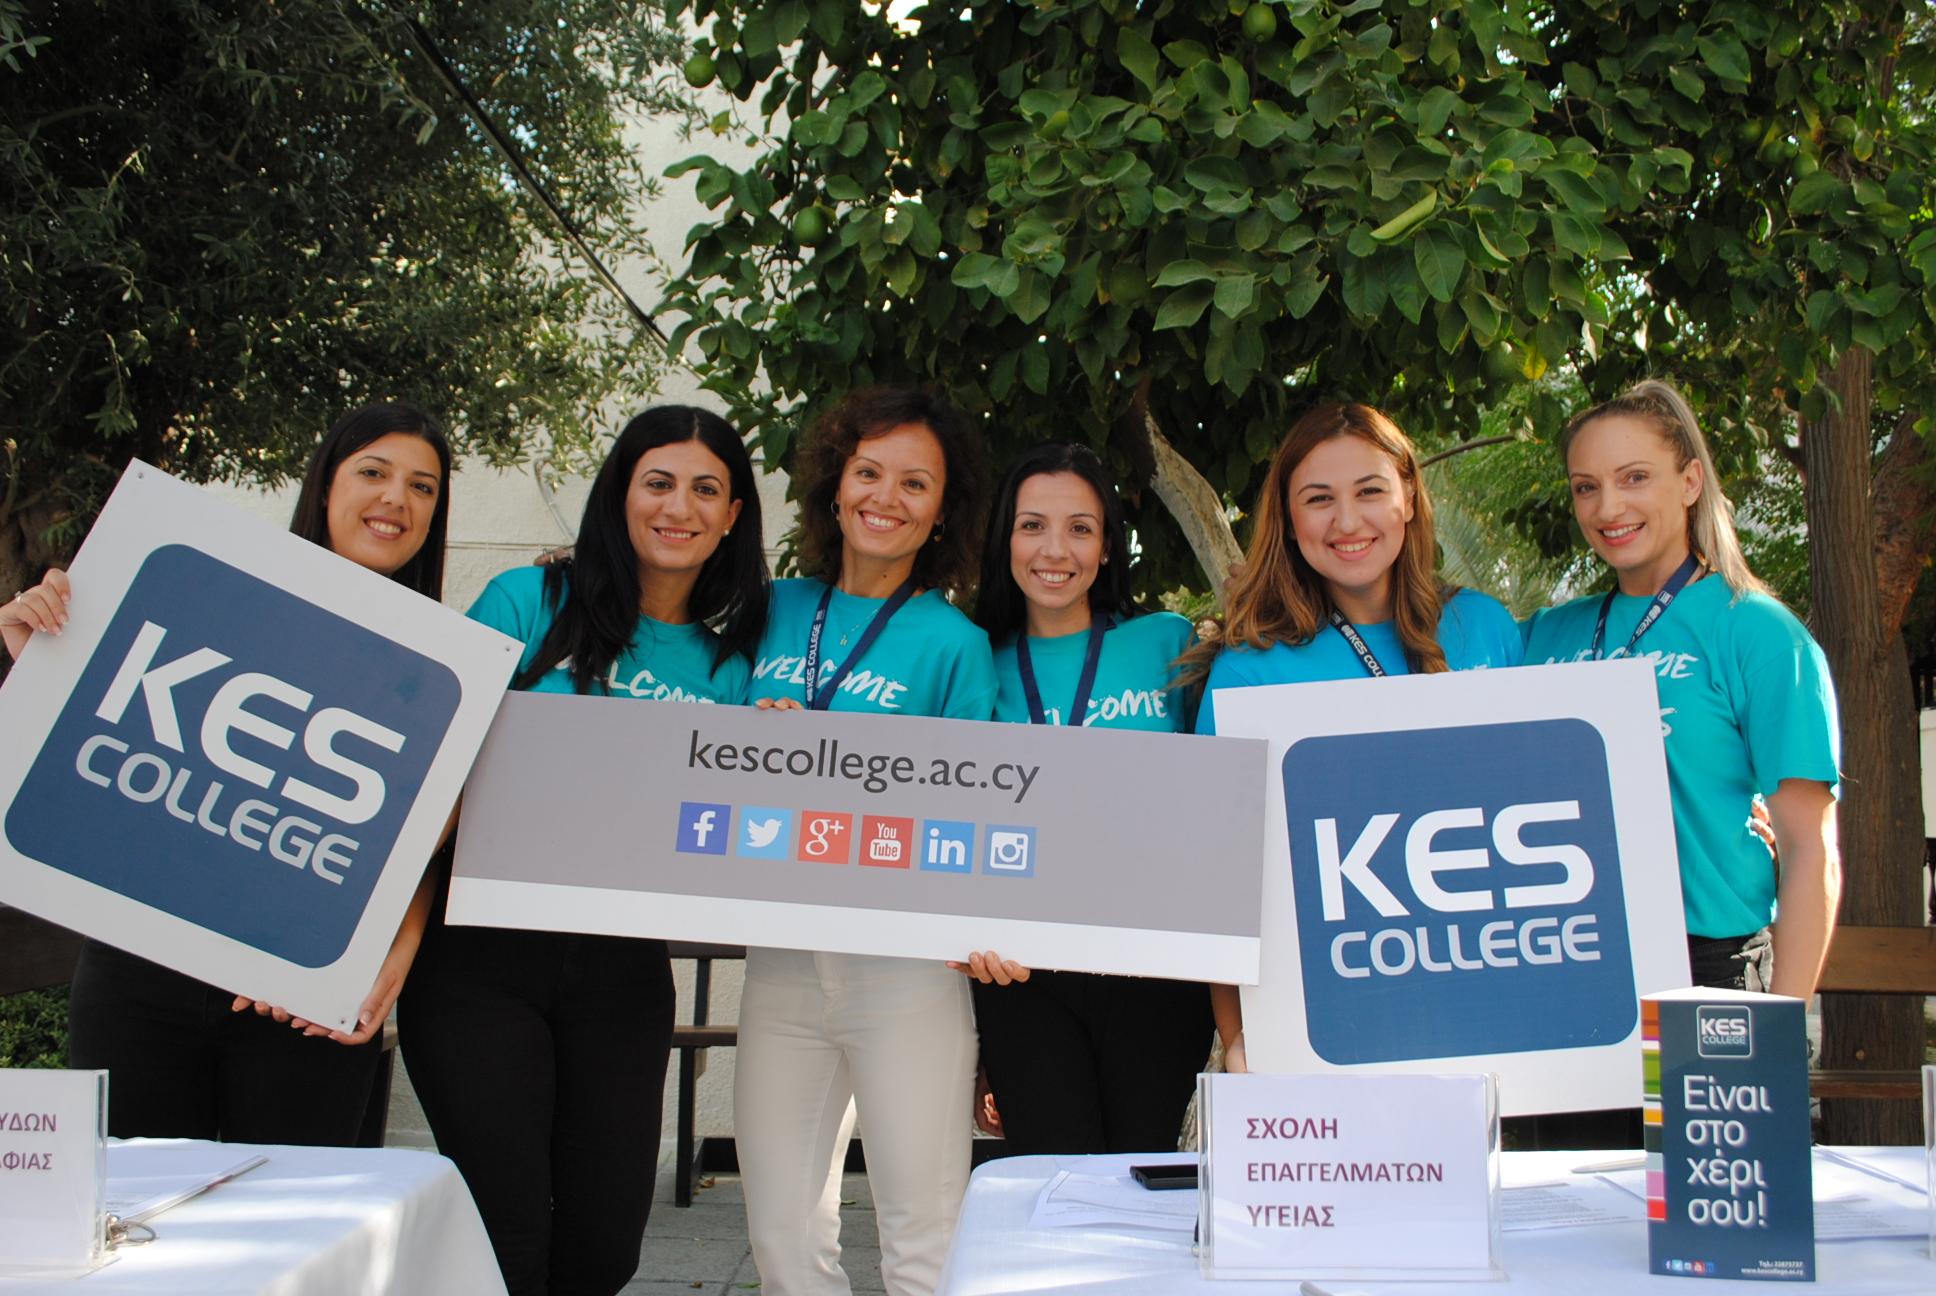 Ημέρα Ενημέρωσης και Καθοδήγησης (ORIENTATION DAY) των Πρωτοετών Φοιτητών του KES College για το Ακαδημαϊκό Έτος 2019-2020